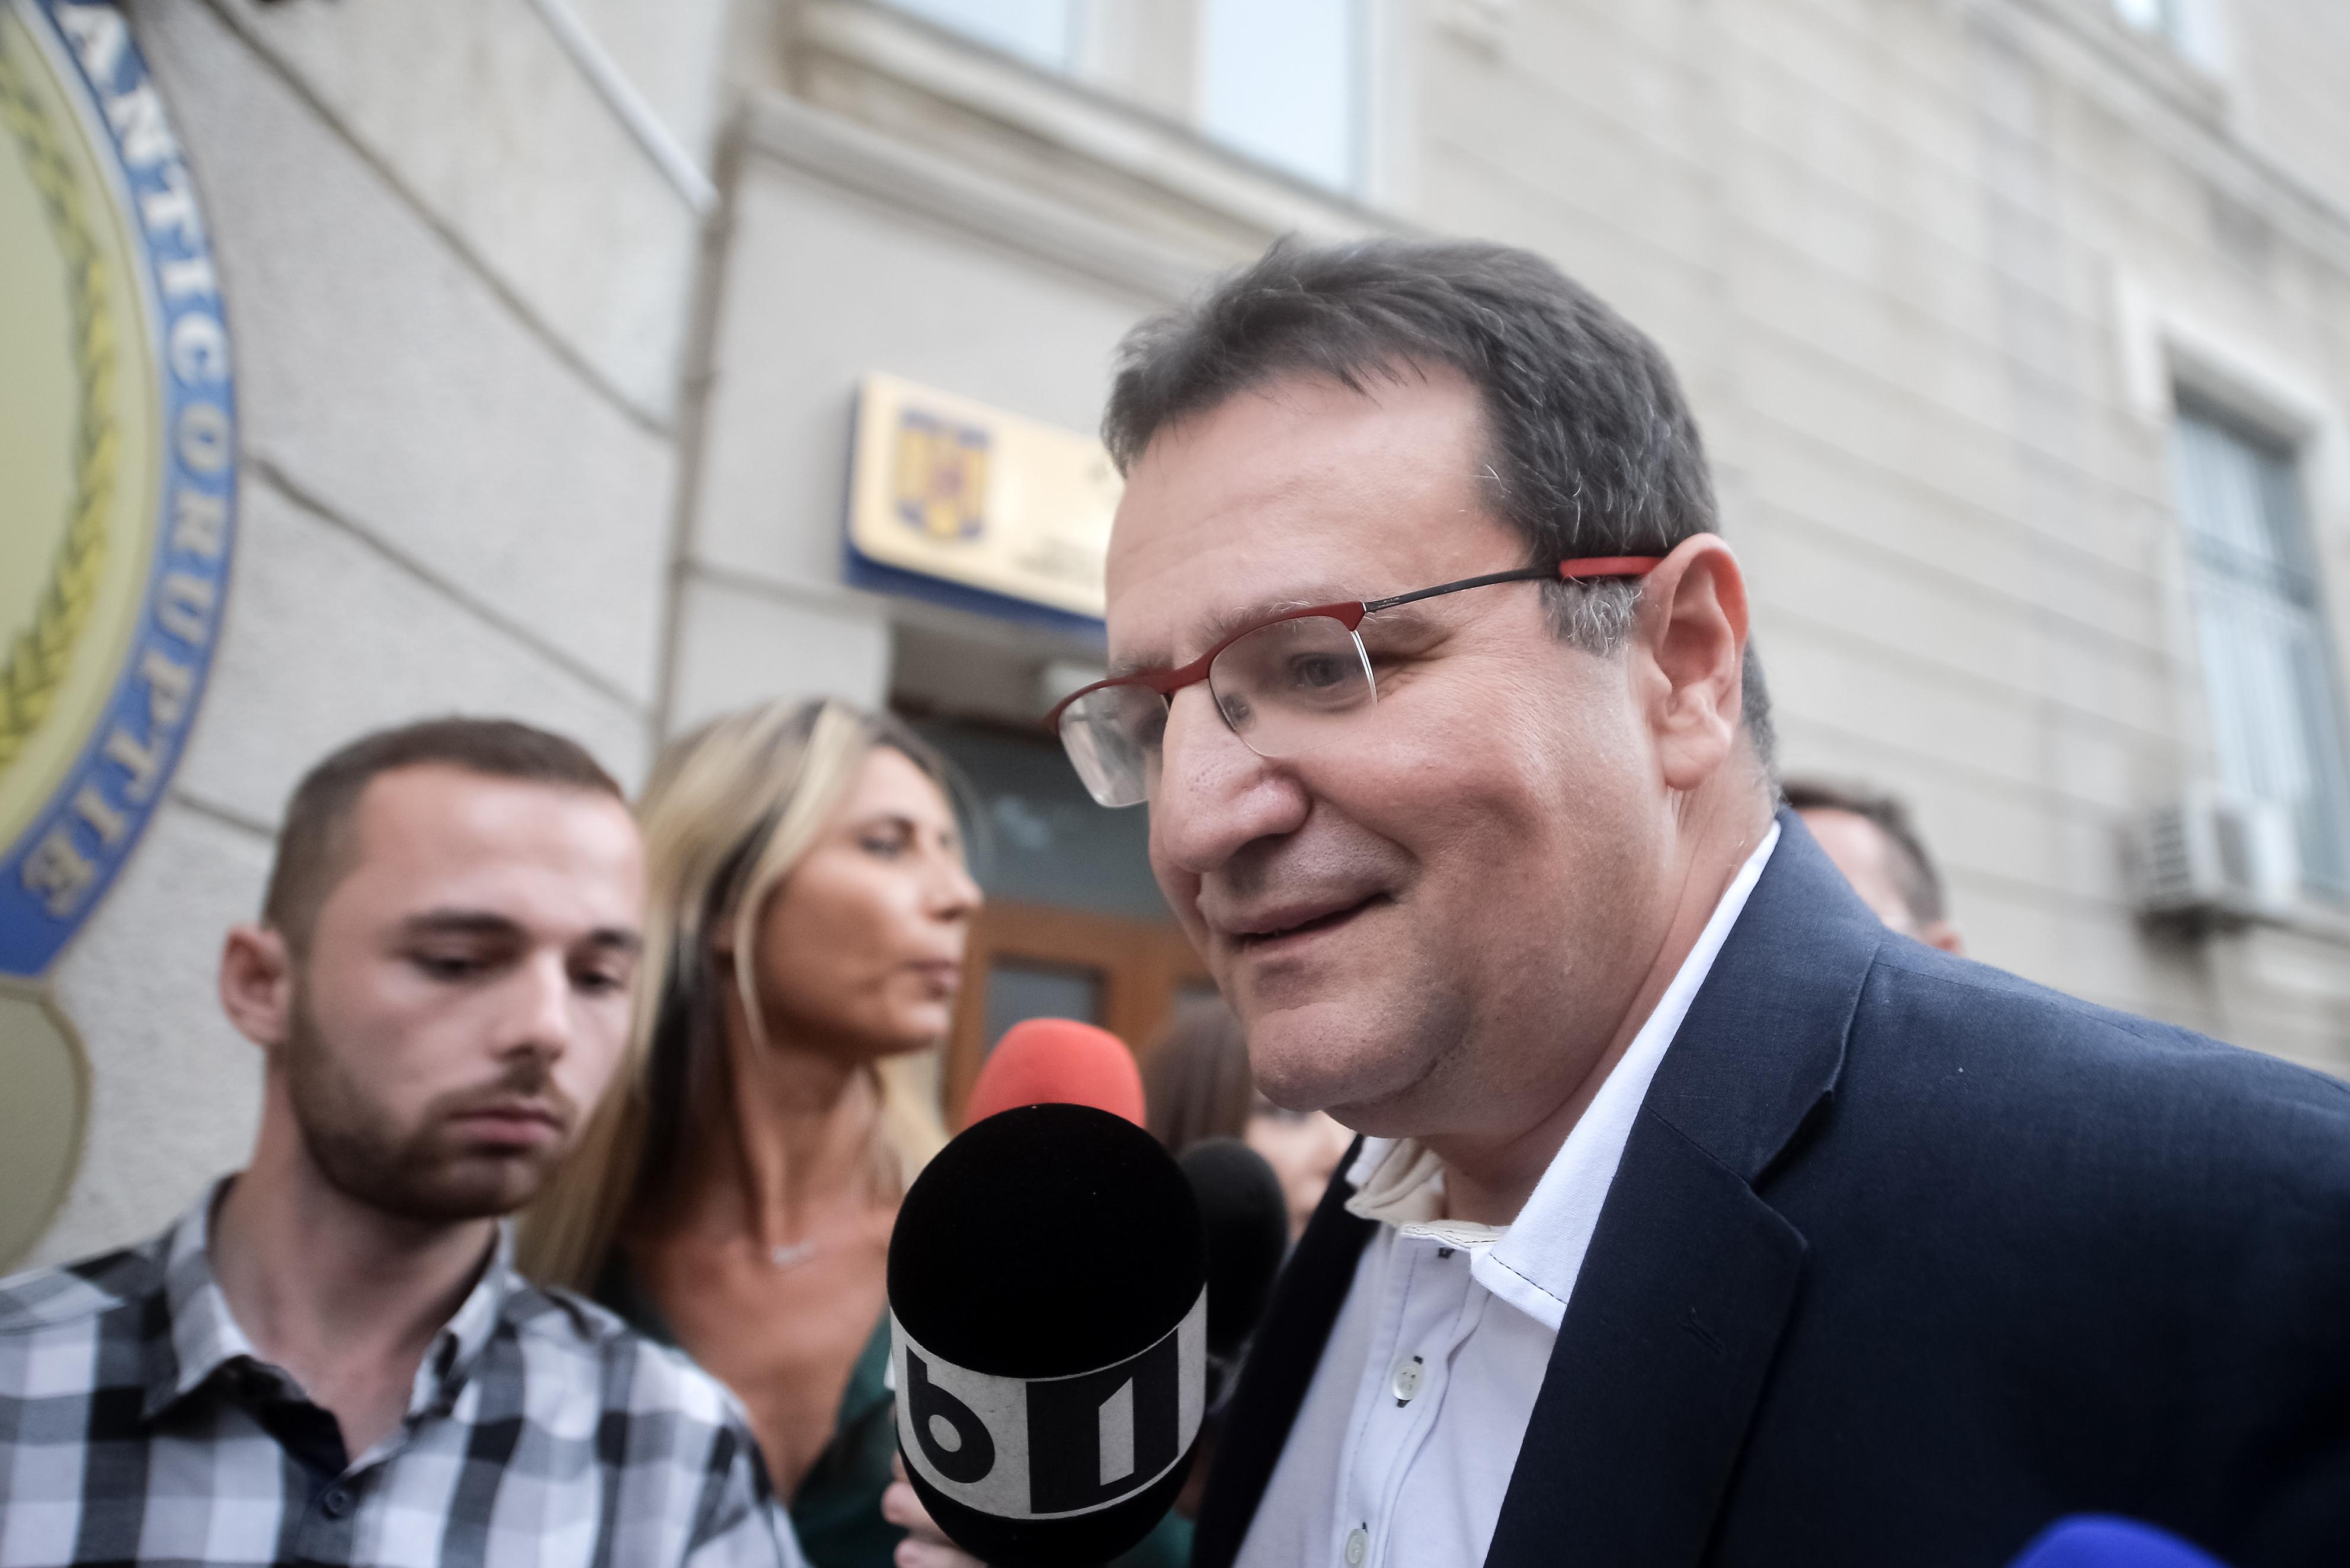 George Maior, audiat la DNA, într-un dosar de corupţie. Fostul şef SRI: De mult timp voiam să vin, discuţie foarte plăcută cu domnii procurori | VIDEO